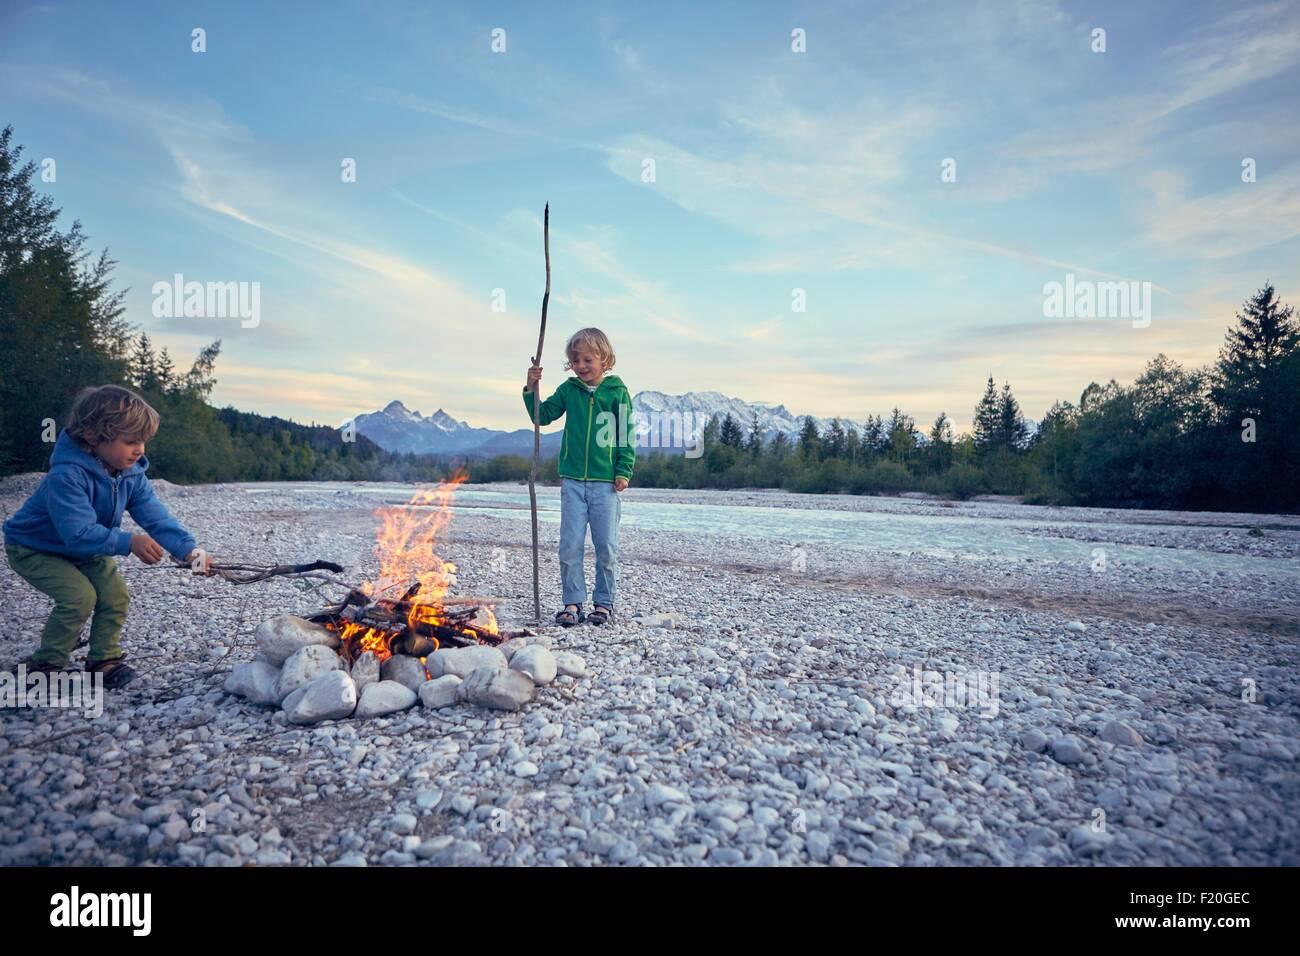 Ragazzi prendendo fuoco con bastoni, Wallgau, Baviera, Germania Immagini Stock